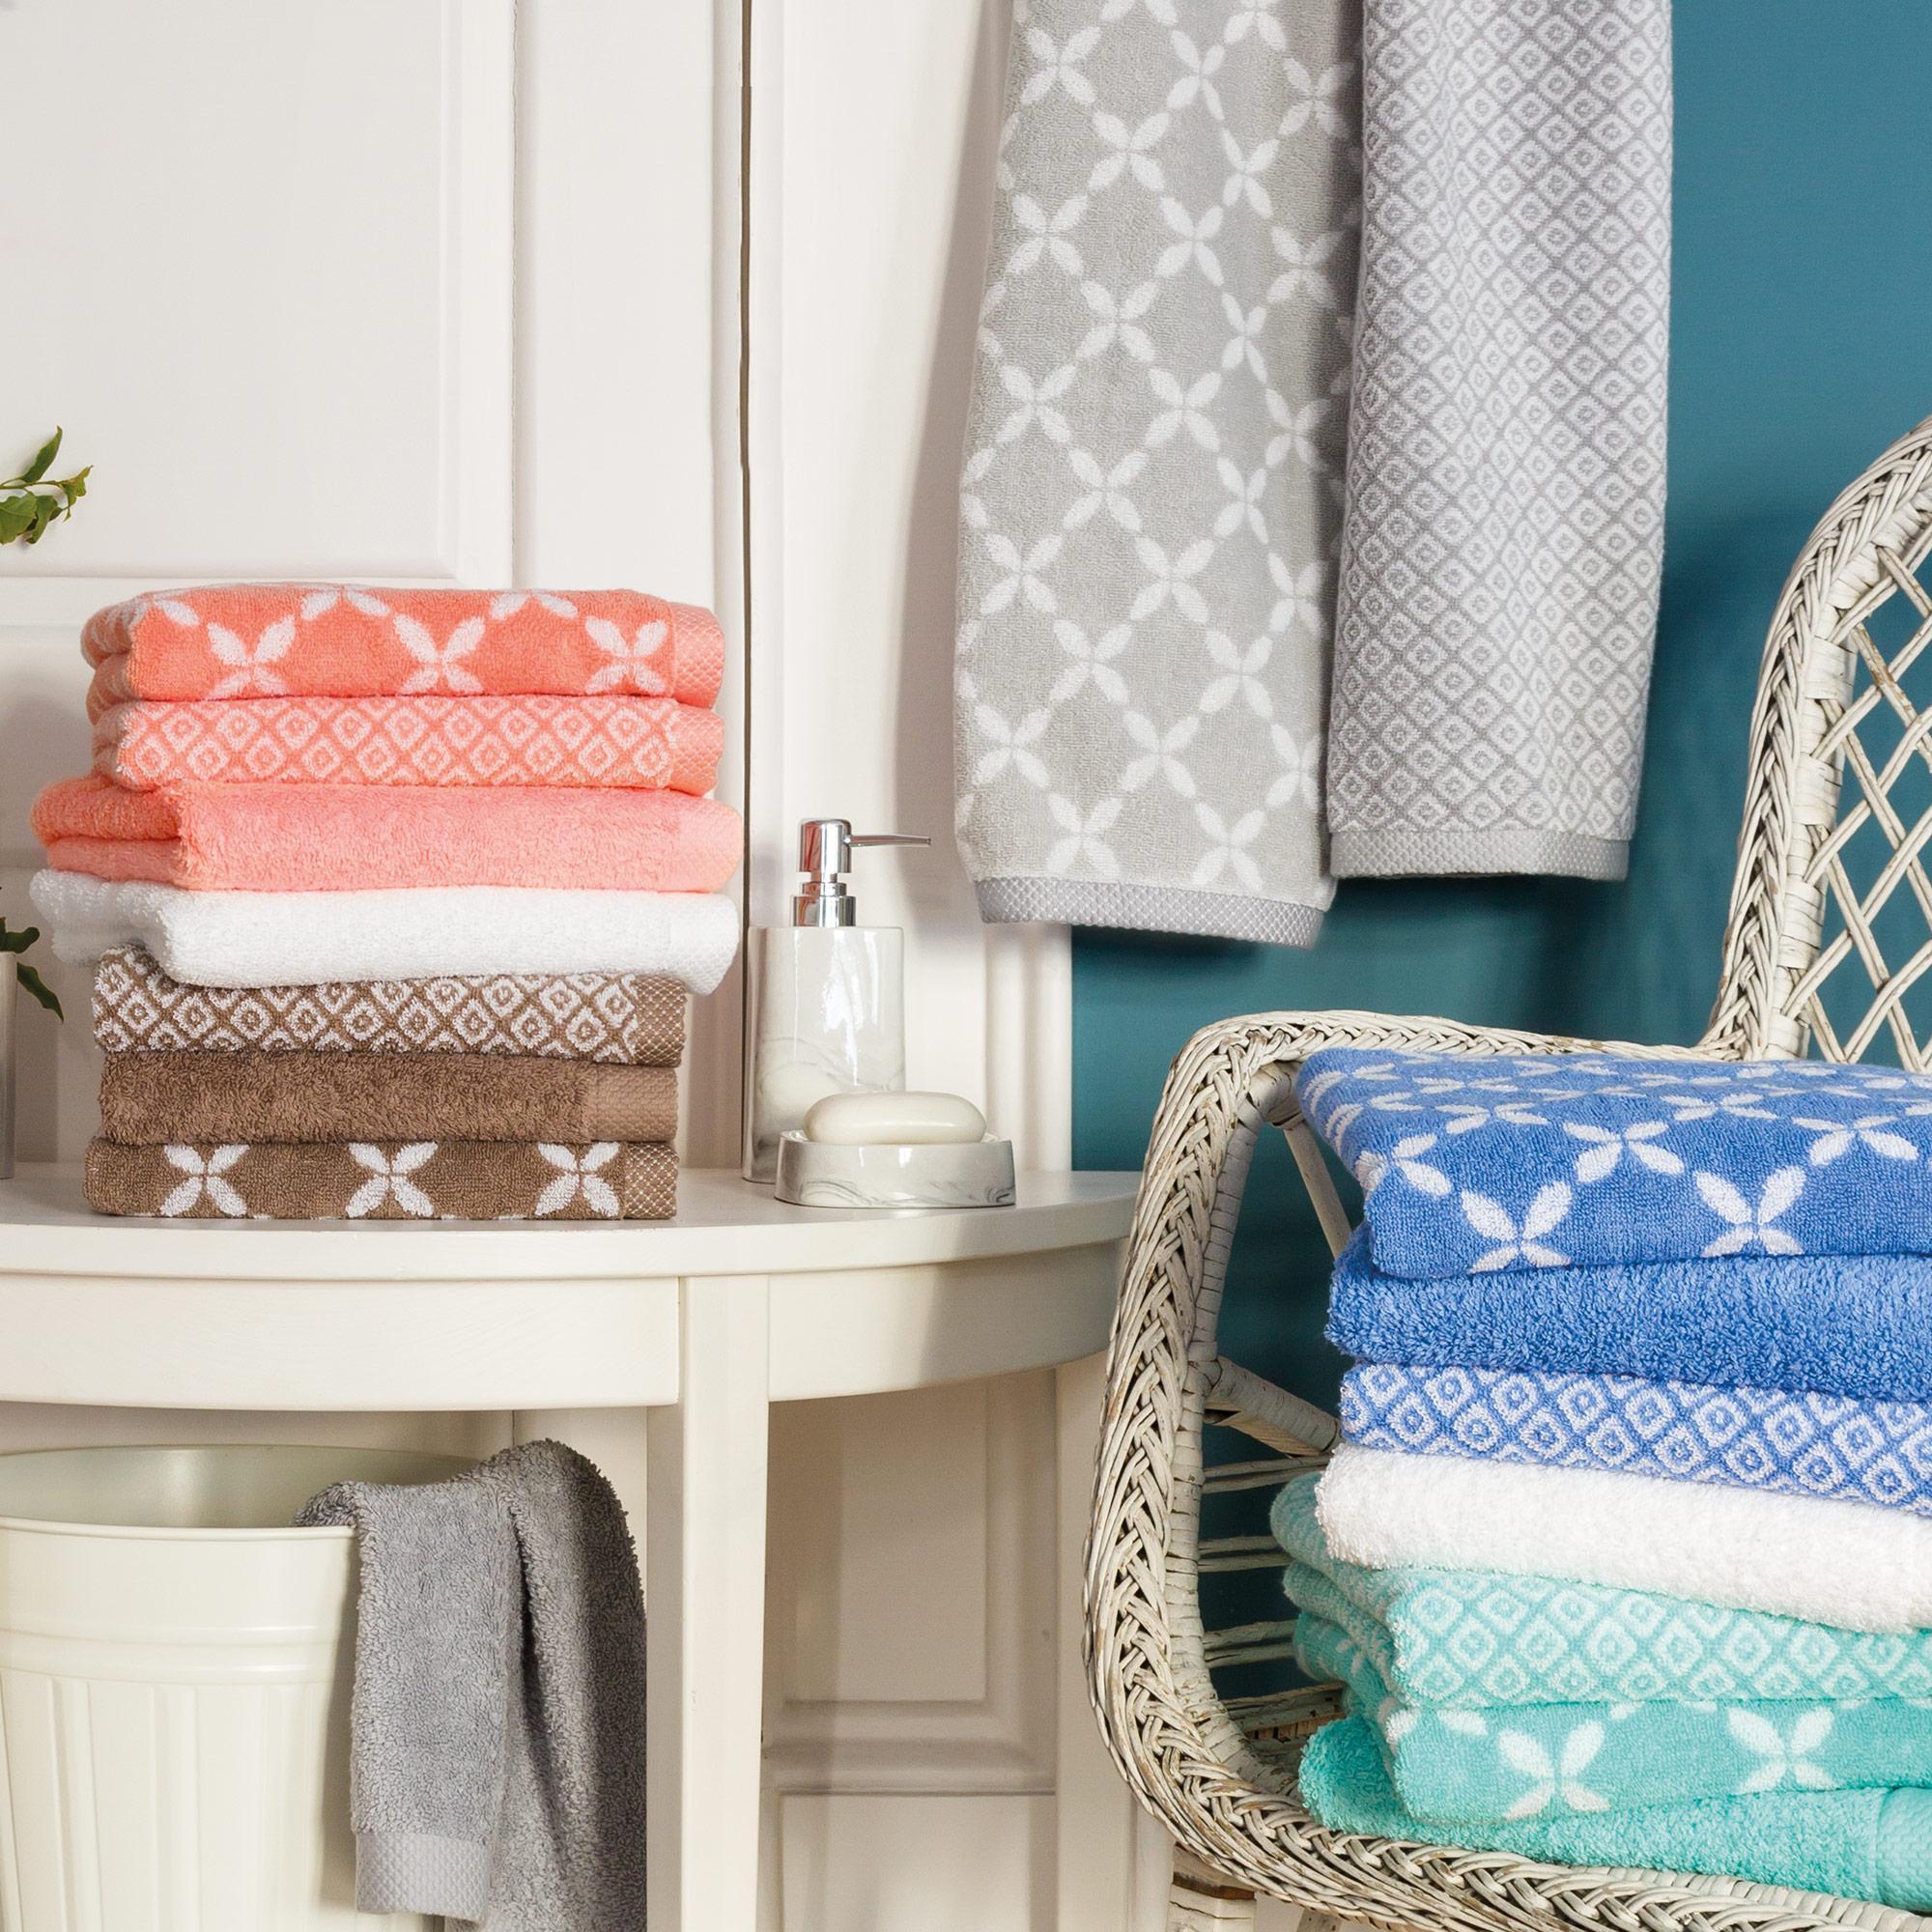 drap de douche 70x140 shibori mosaic gris 100 coton 500g. Black Bedroom Furniture Sets. Home Design Ideas